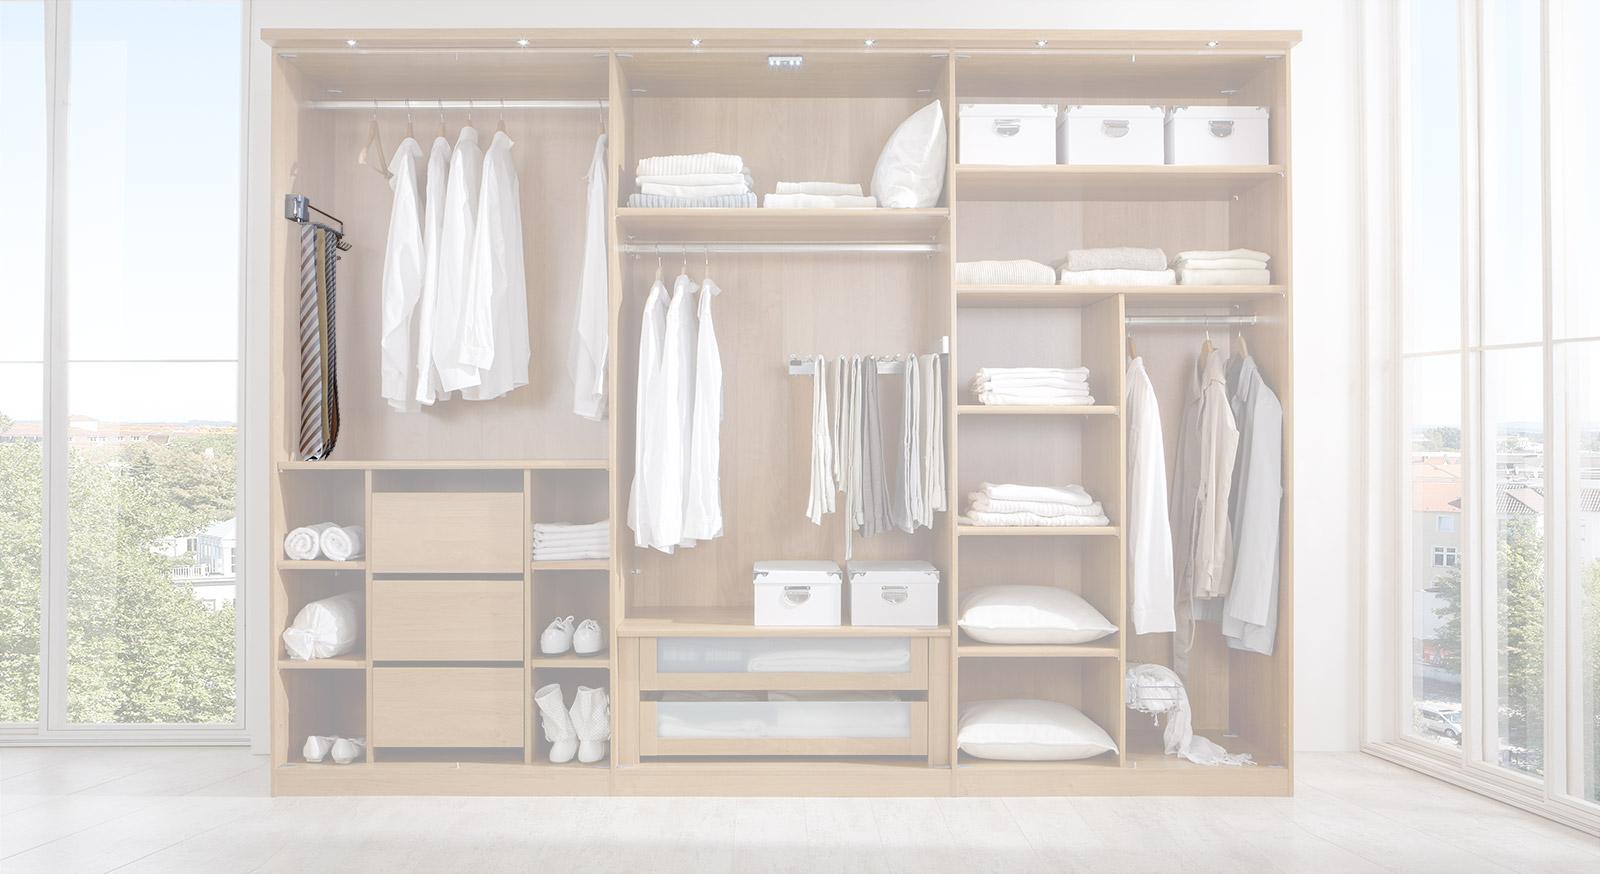 Krawatten- und Gürtel-Auszug der Innenausstattung für Kleiderschränke